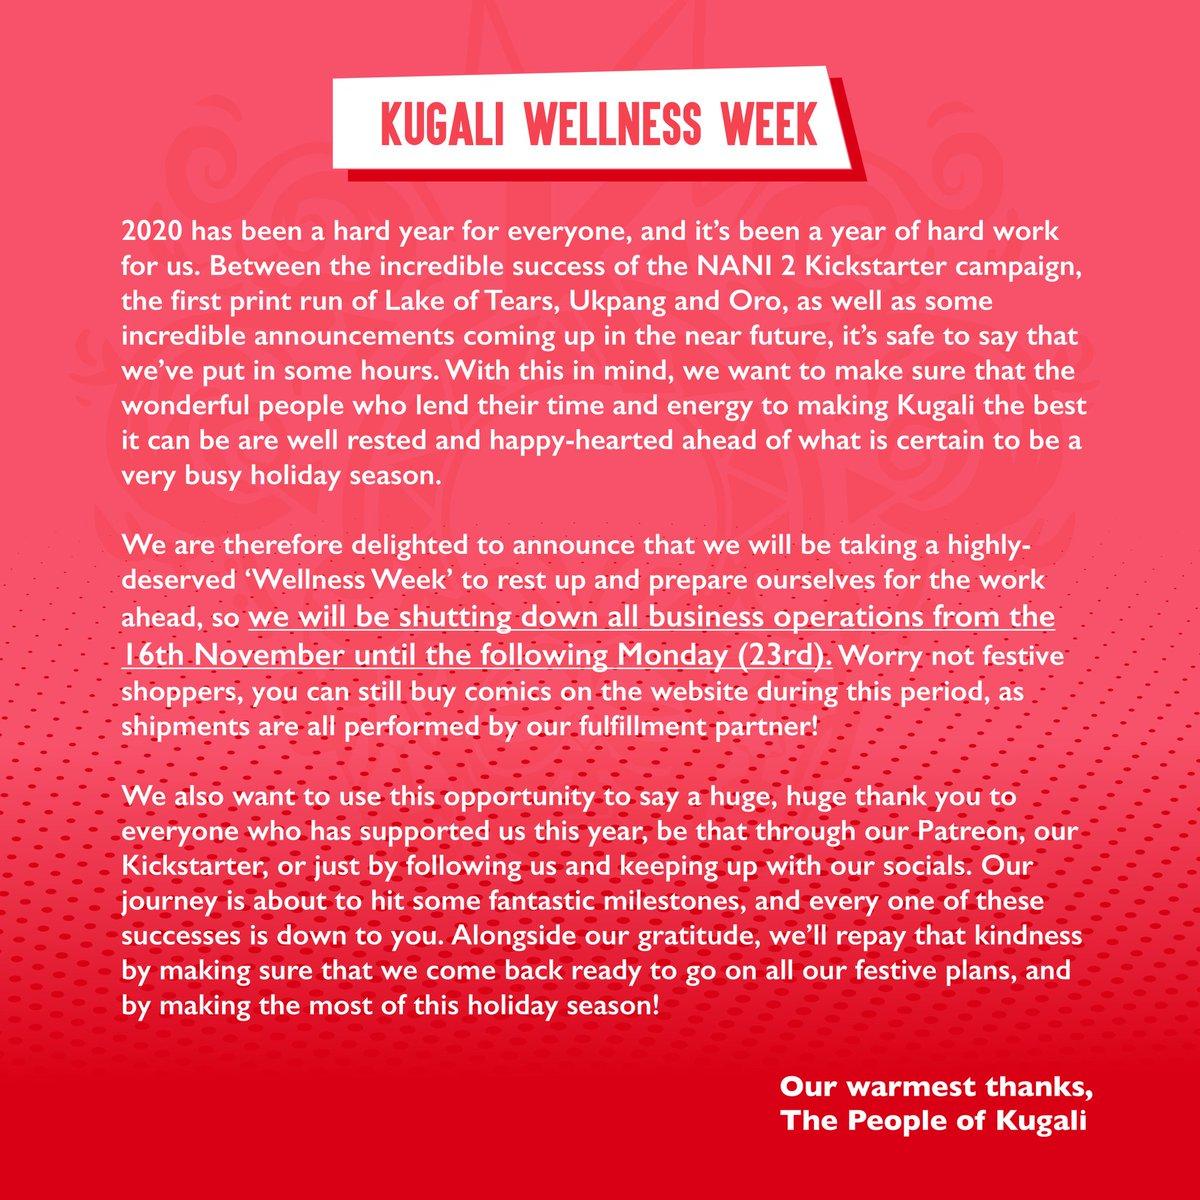 Kugali Wellness Week